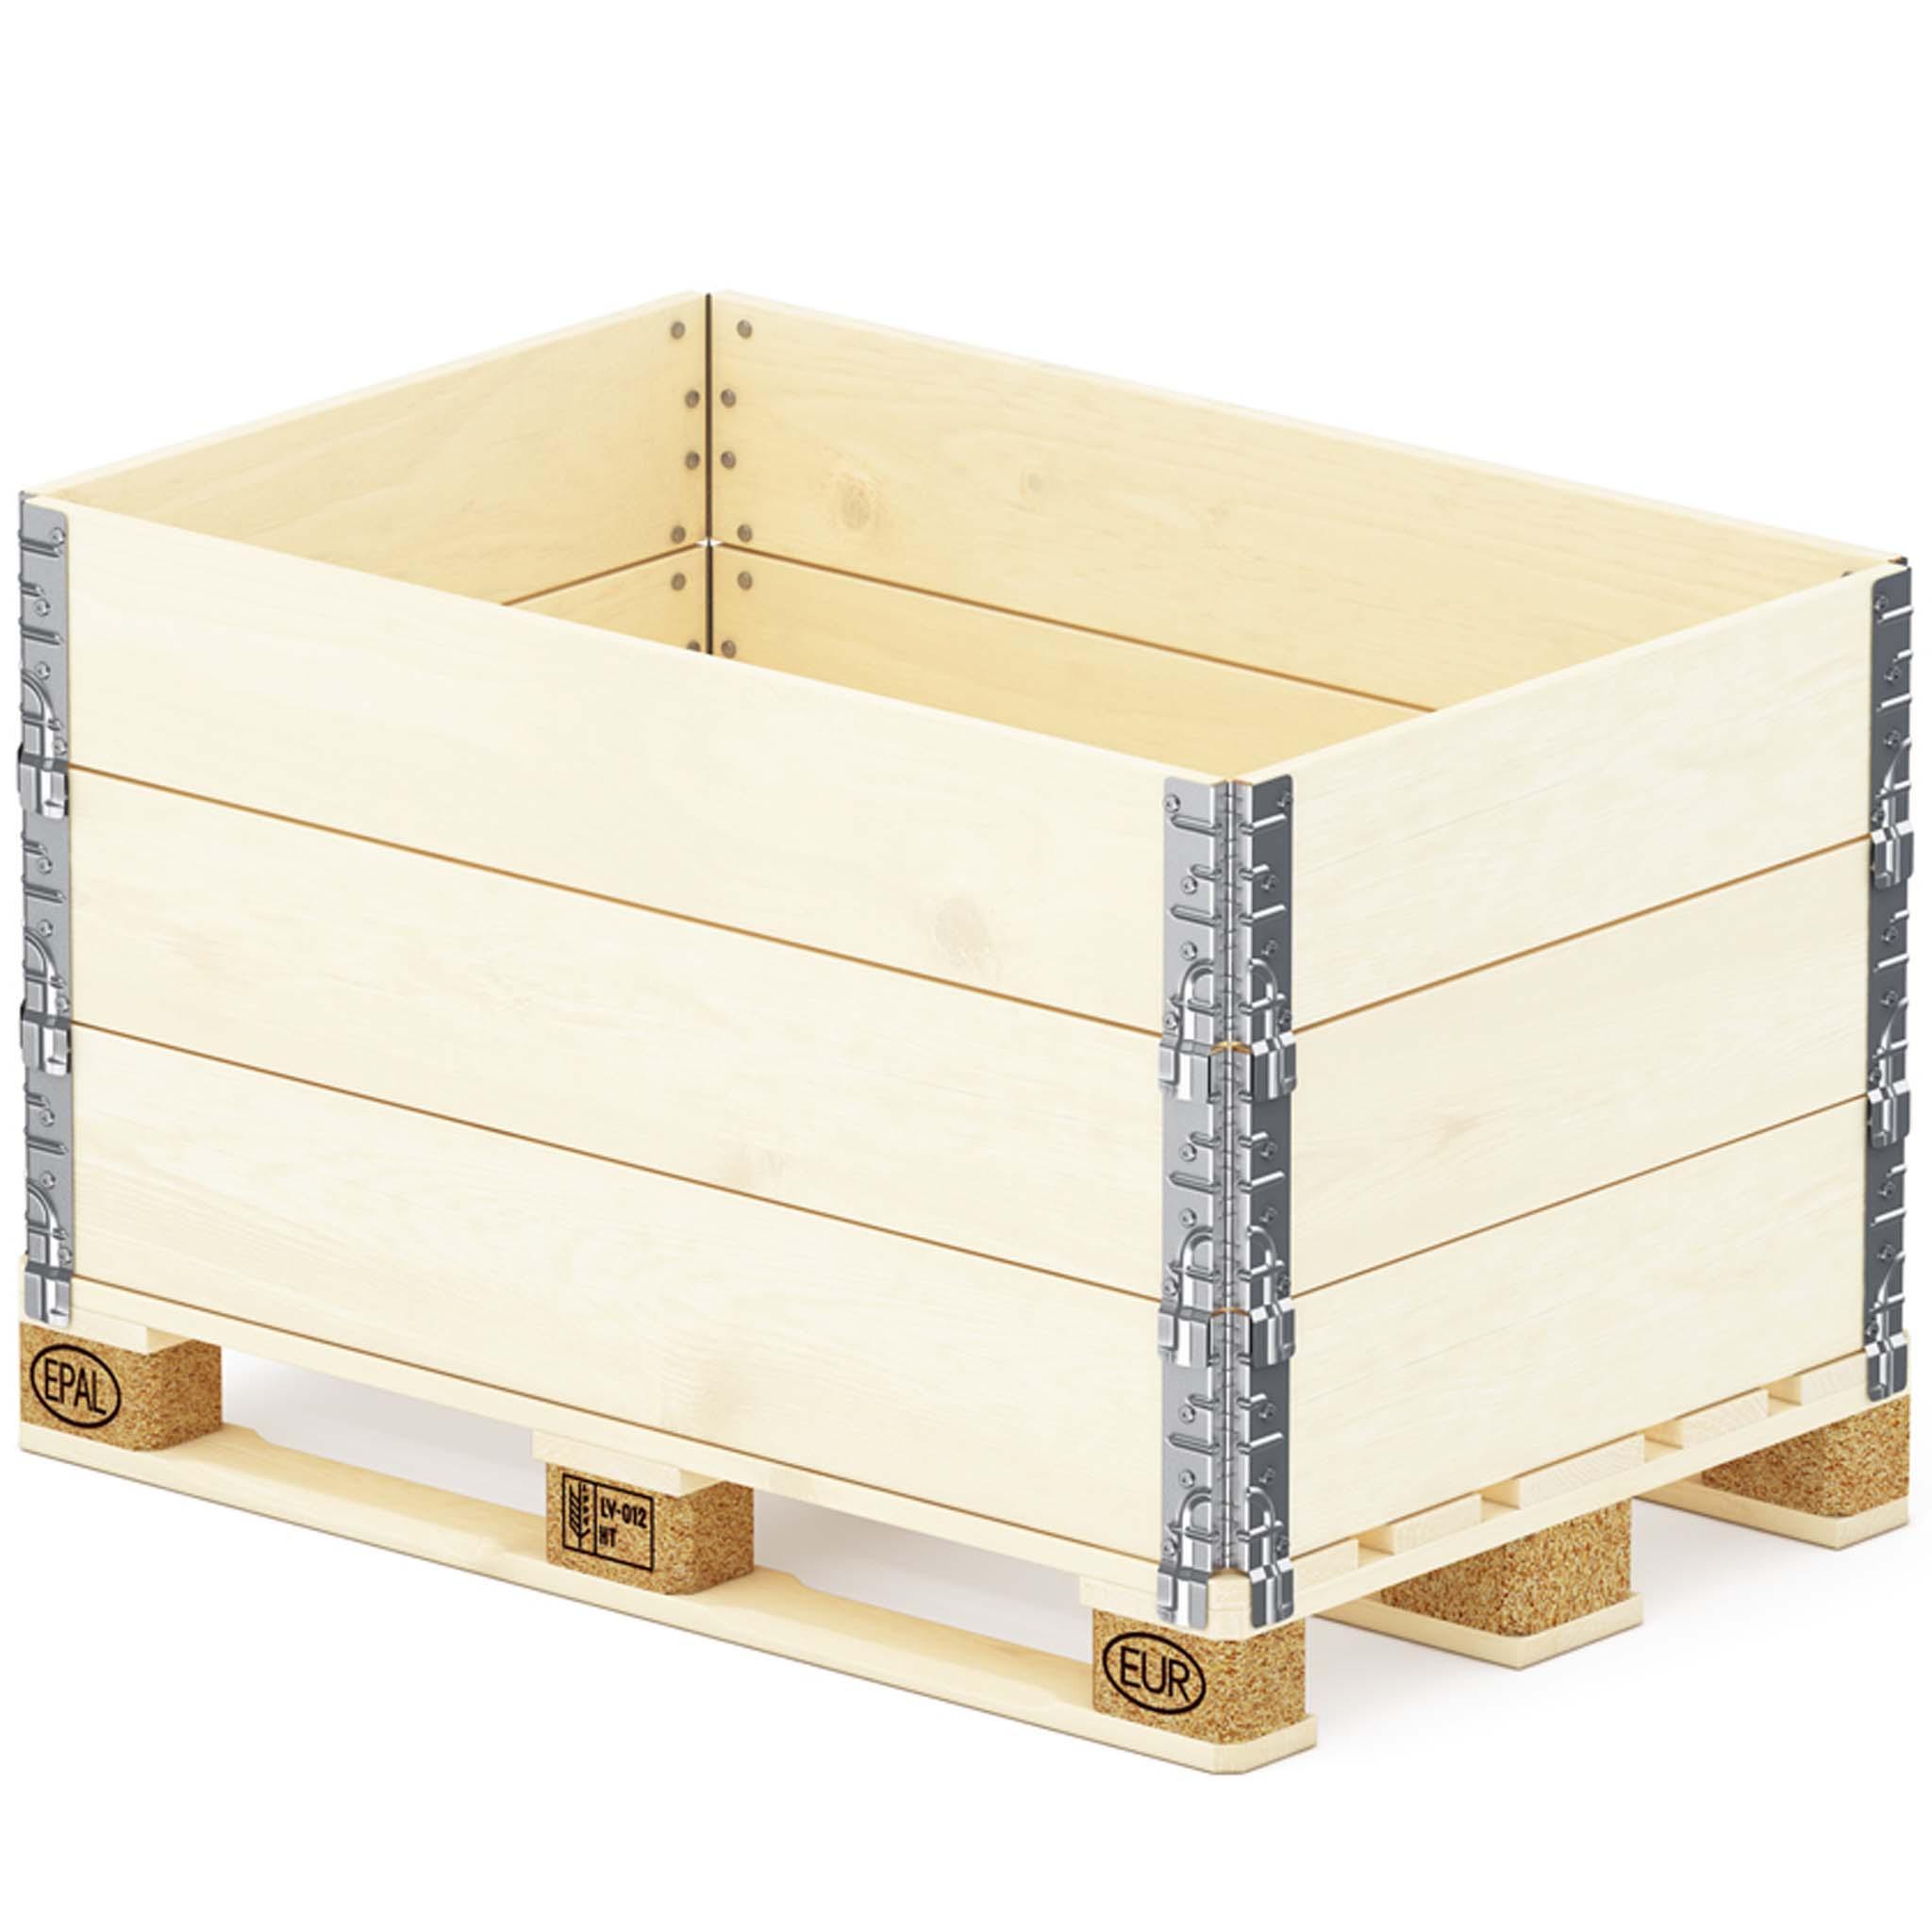 Holzaufsatzrahmen | 1-Brett Ausführung 1